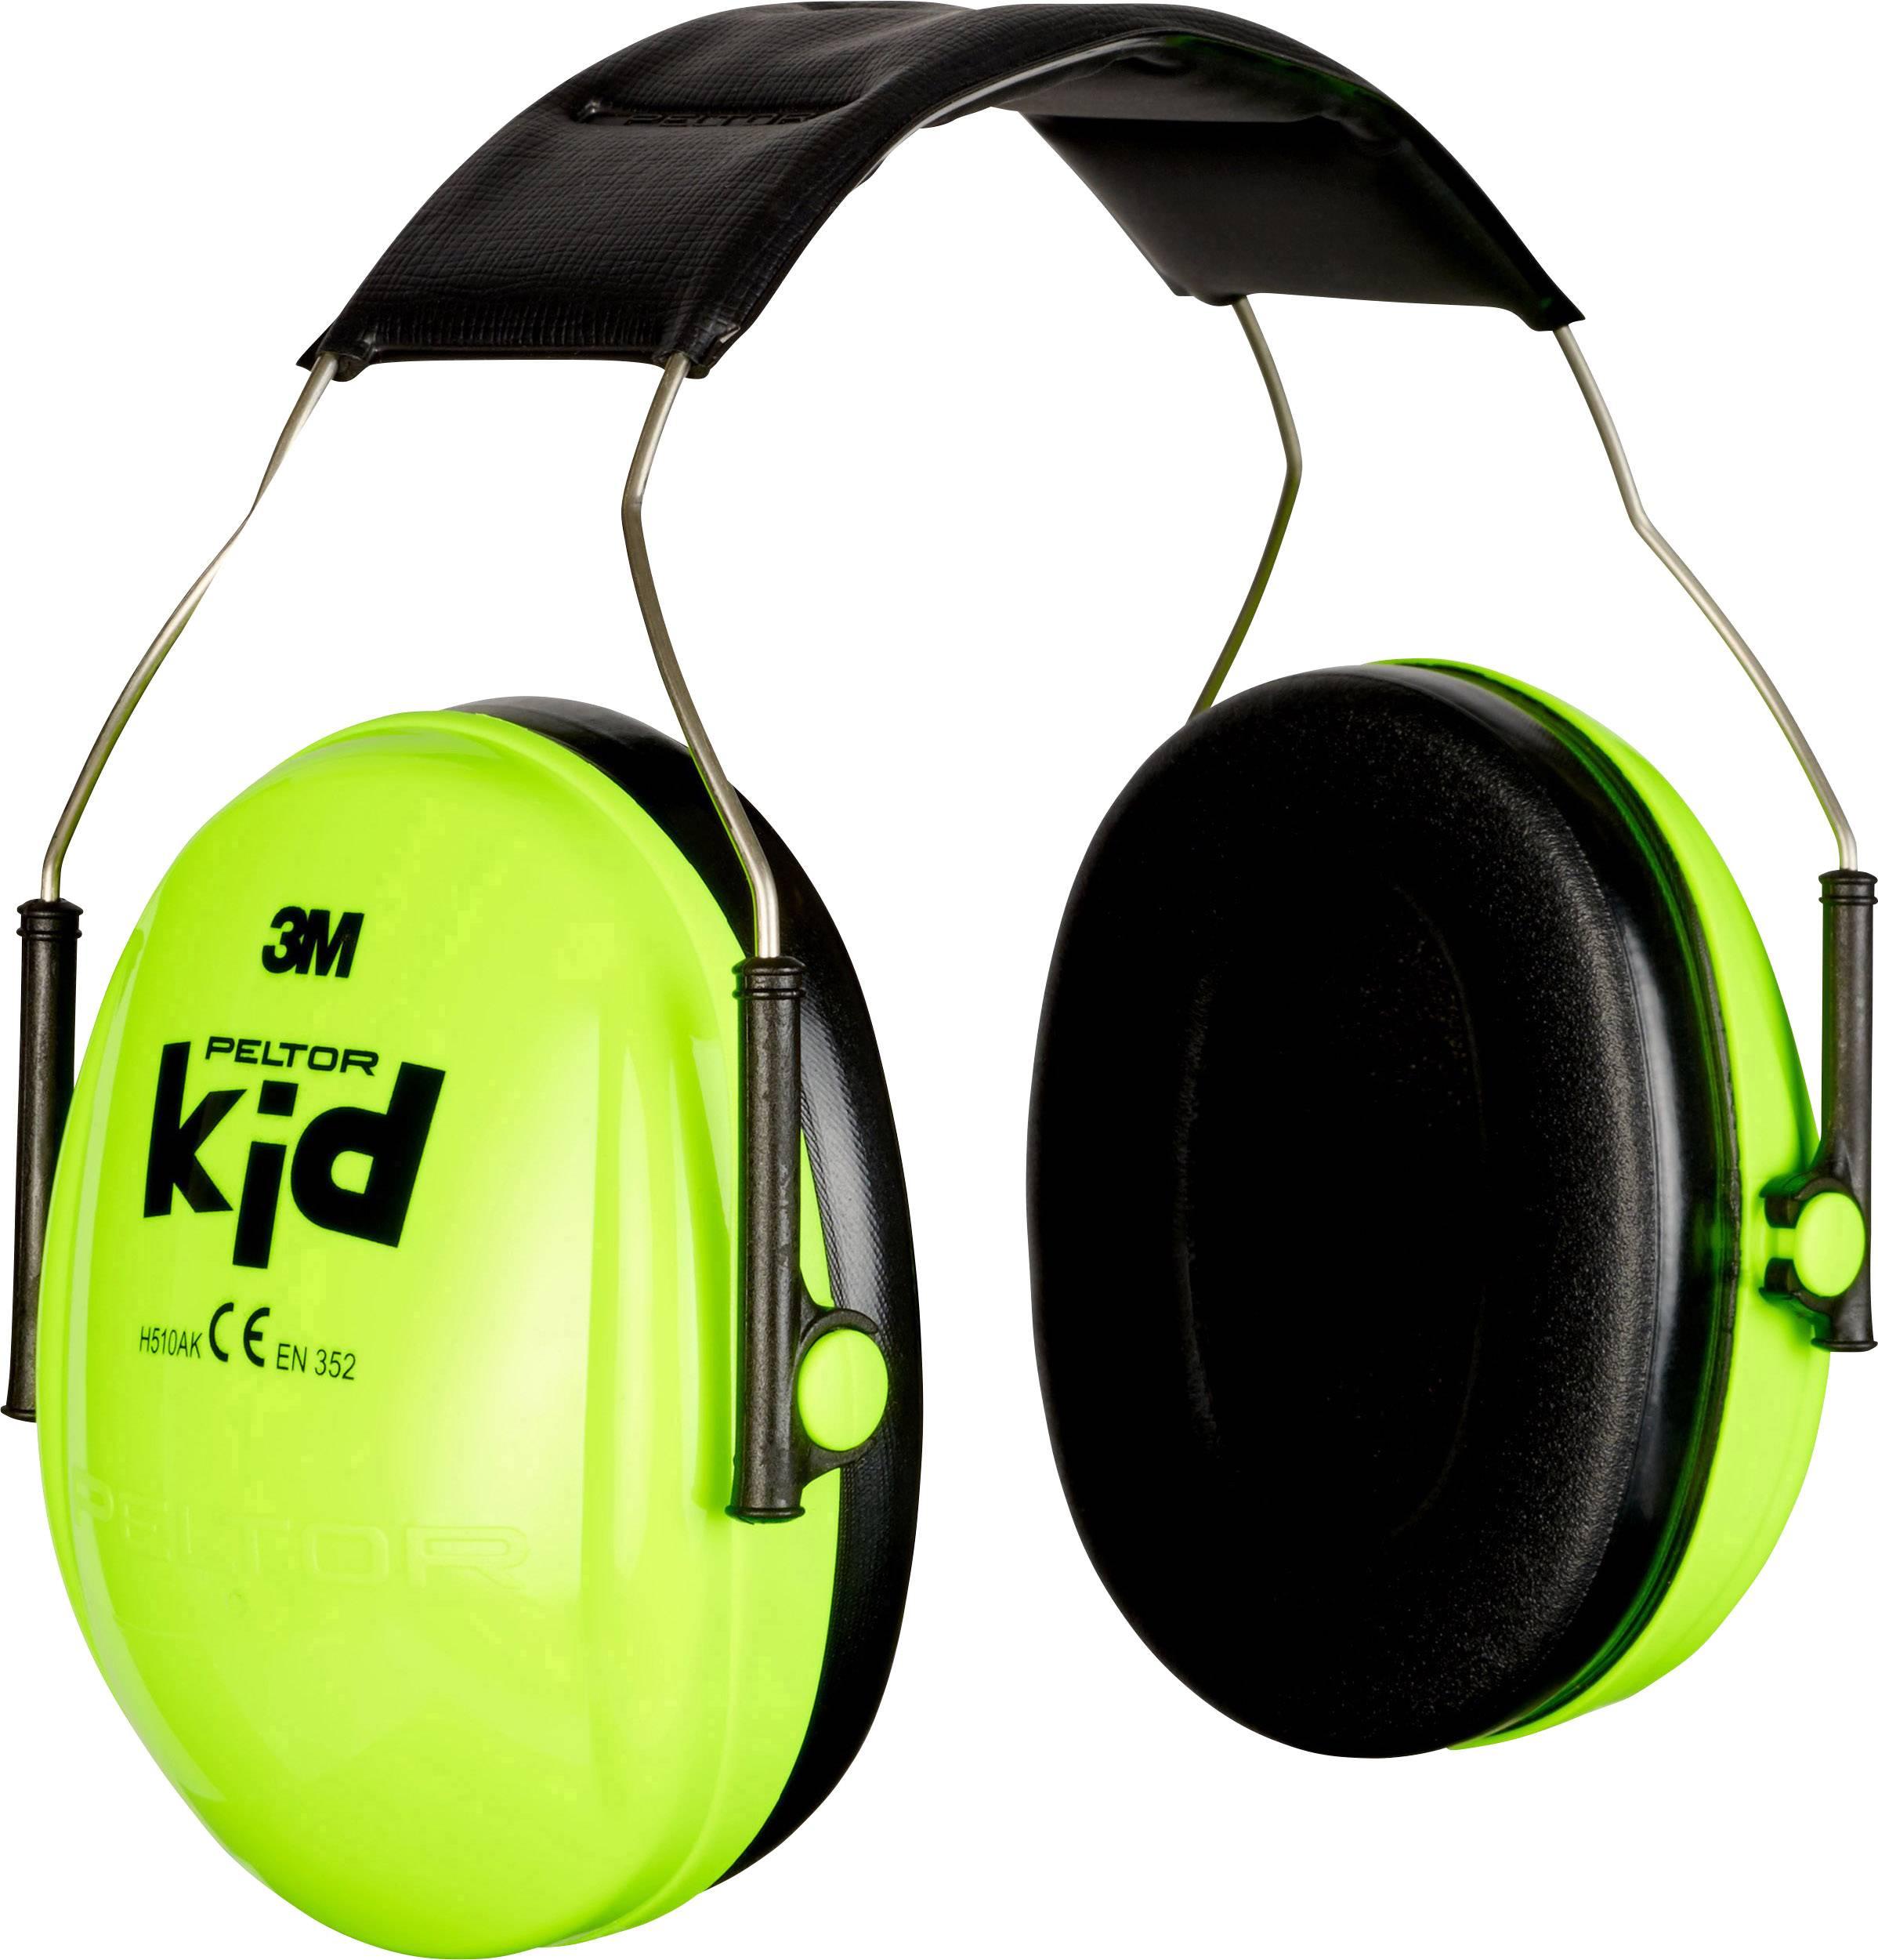 Detské chrániče sluchu Peltor H510AK-442-GB, 27 dB, neónovo zelená